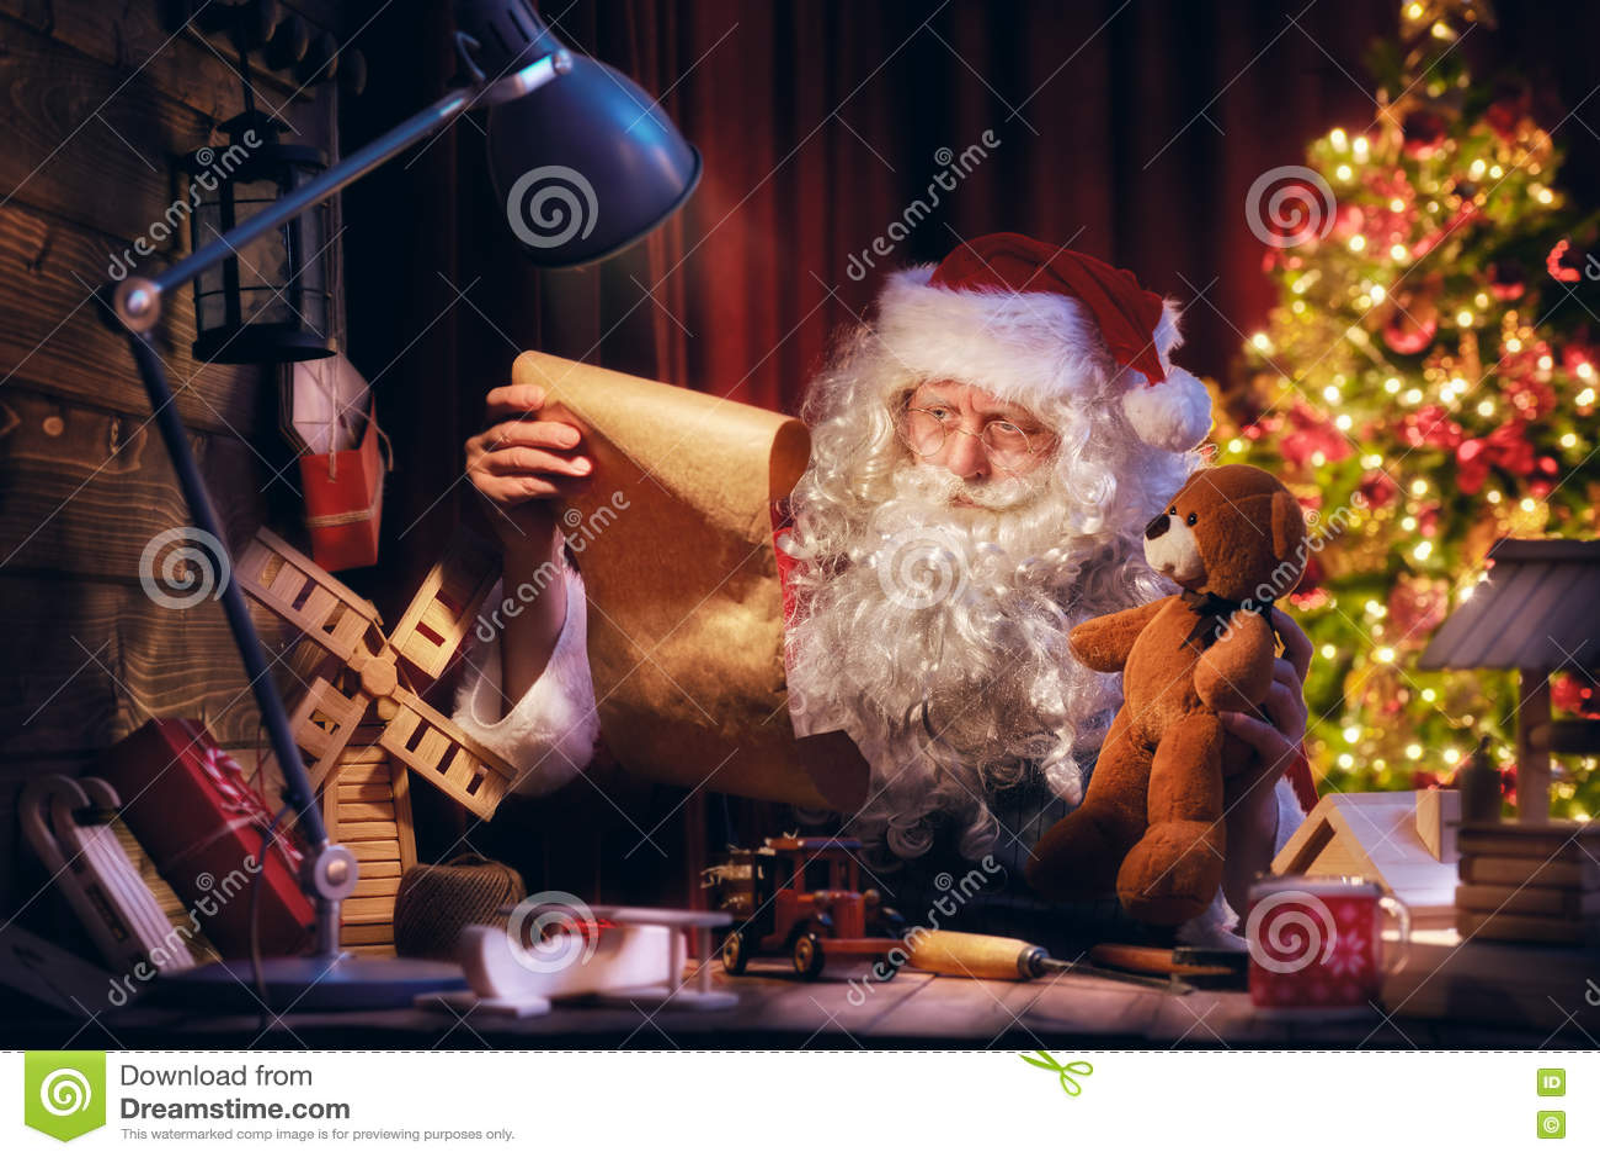 Buon Natale Freestyle Download.Il Babbo Natale Sta Preparando I Regali Immagine Stock